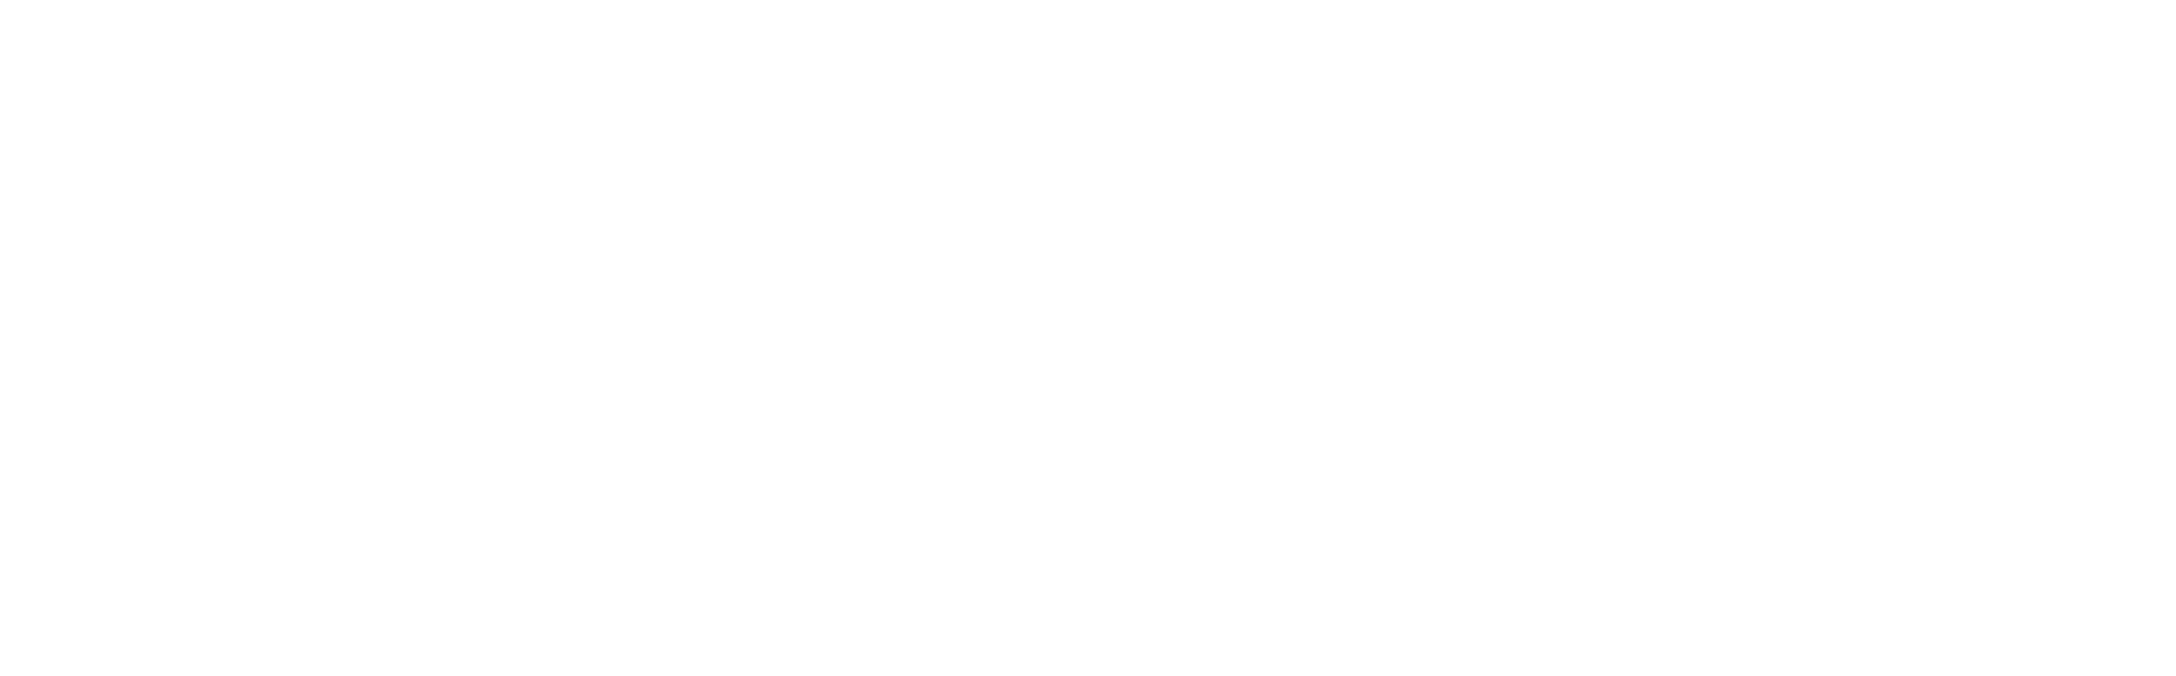 Macs Construction